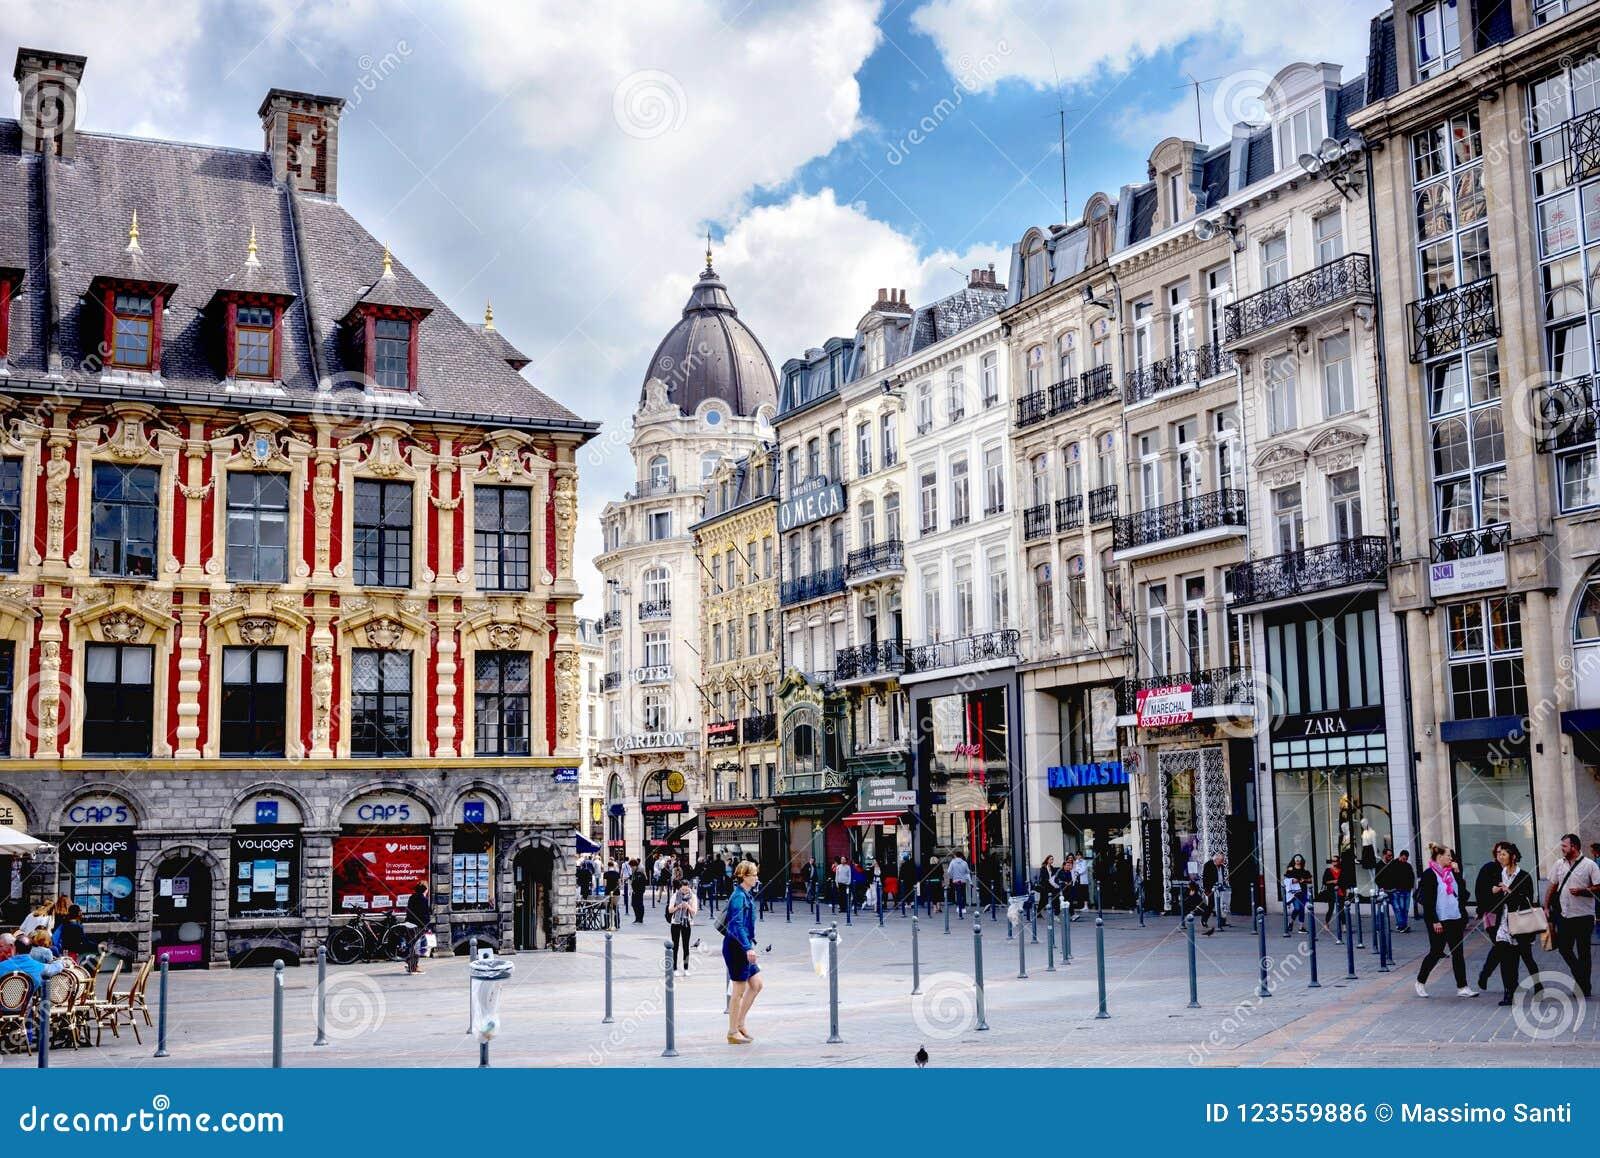 """Bourse van LILLE †""""Vieielle, het is één van de belangrijkste monumenten van de Franse stad van Lille frankrijk"""